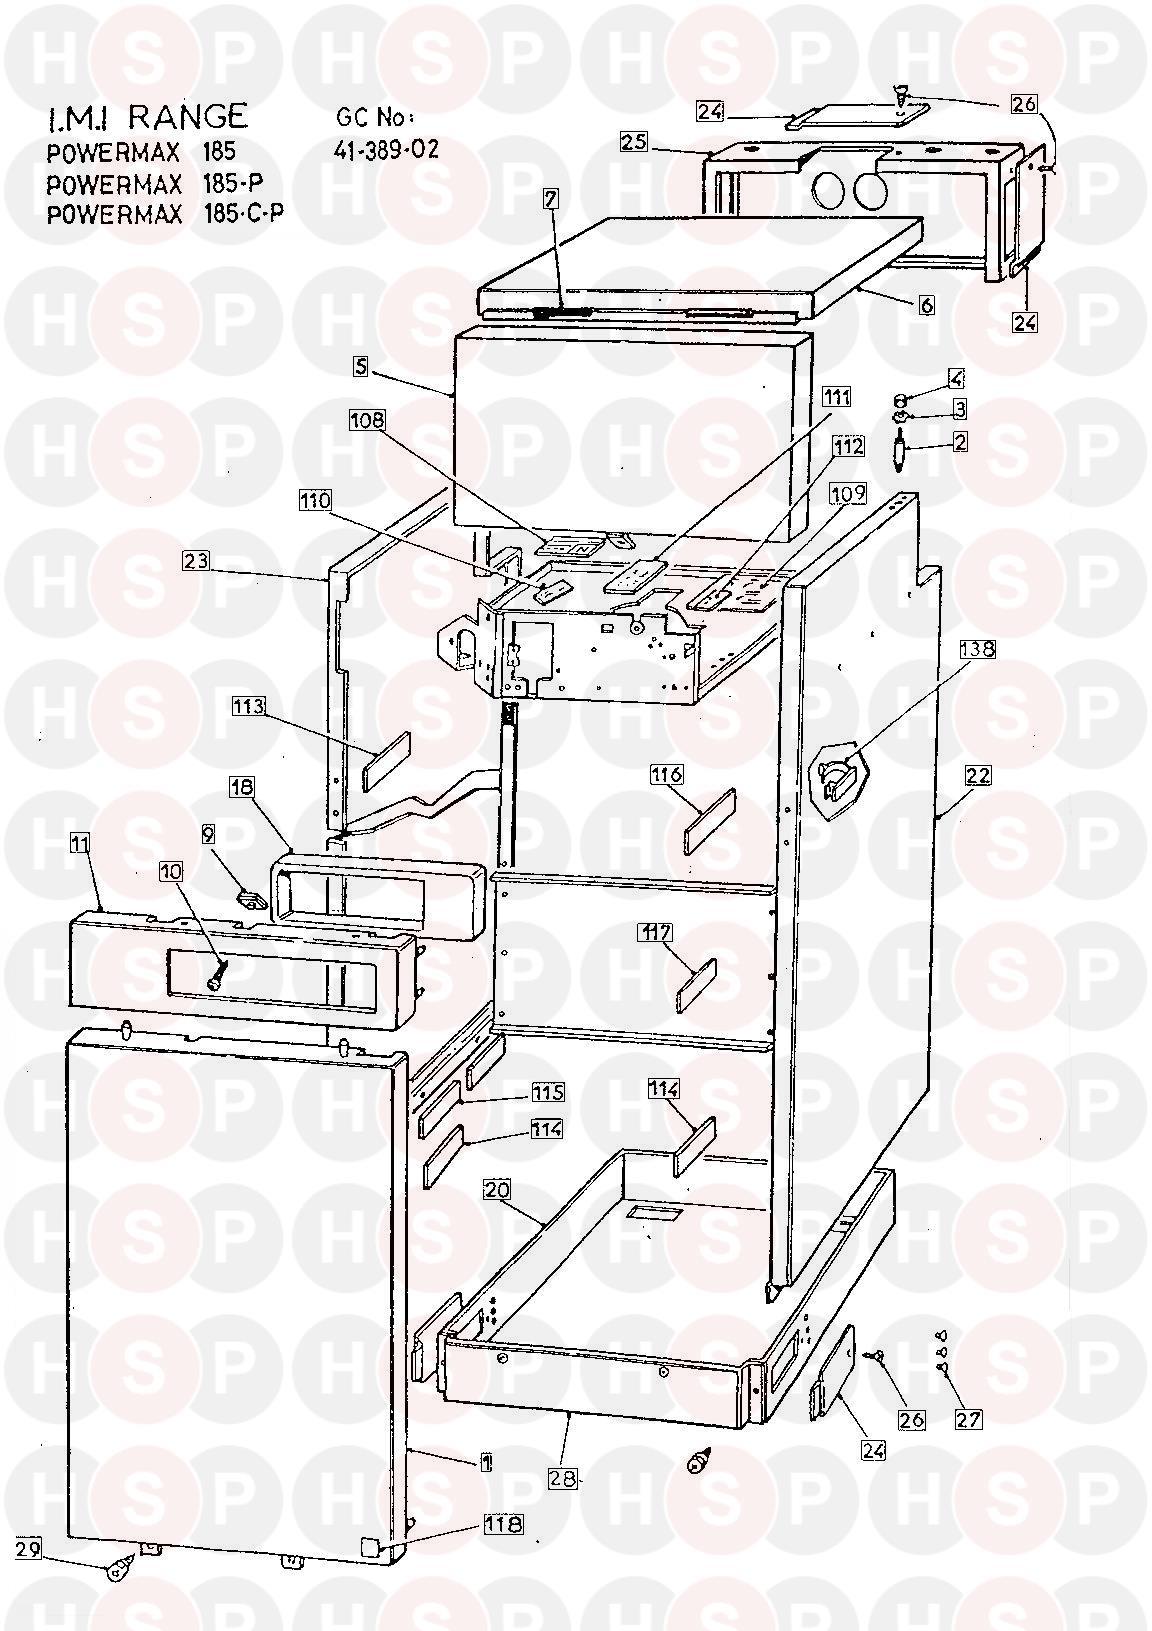 powermax powermax 185 thermal store appliance diagram  casing